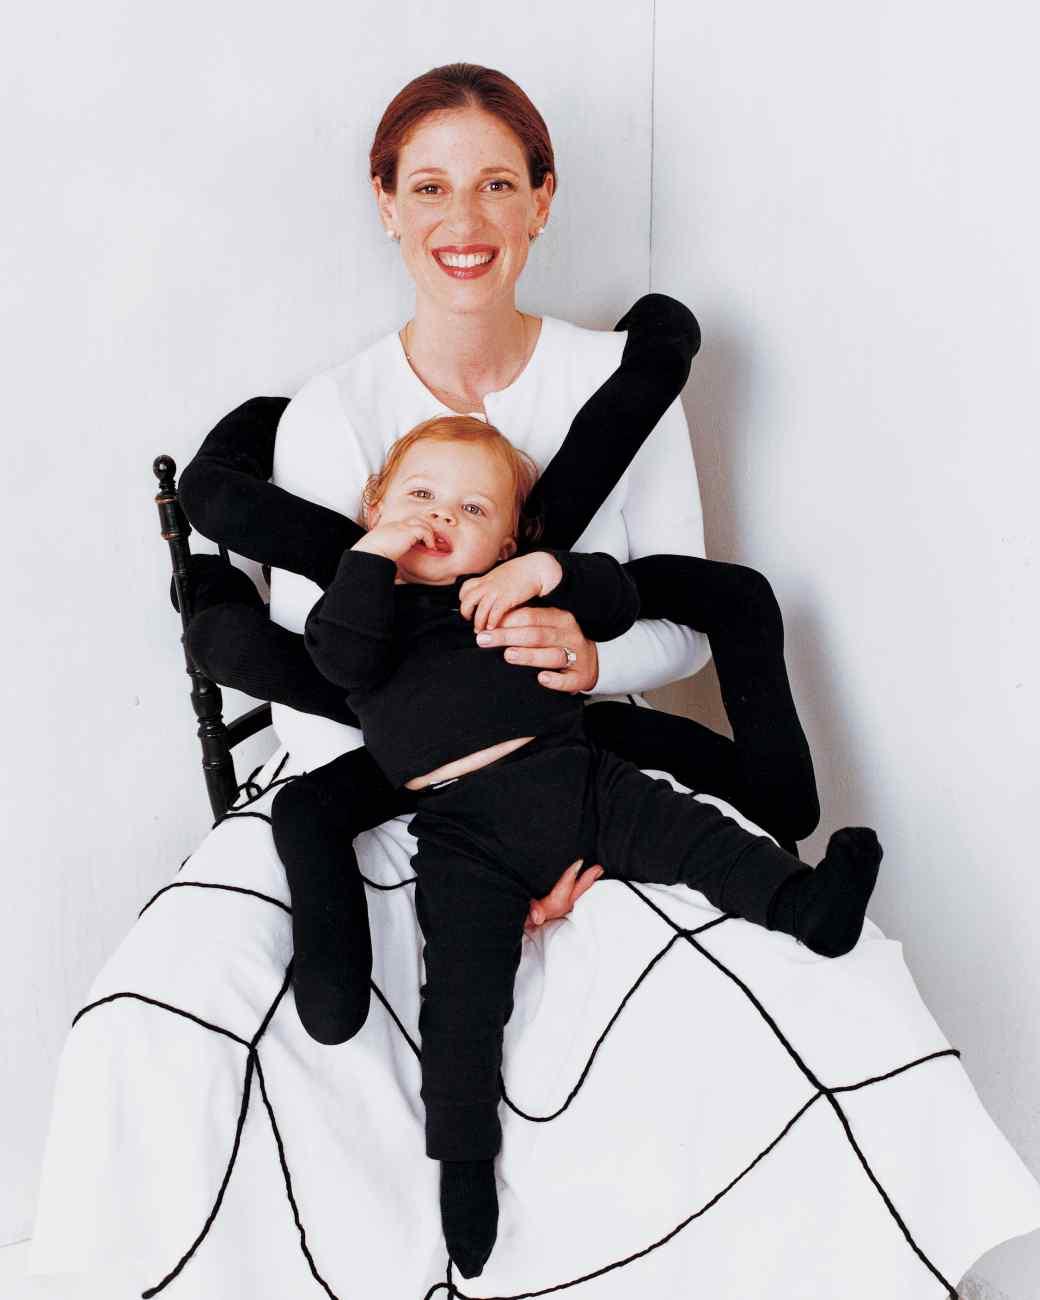 fatos de halloween para bebés - Bebé Aranha